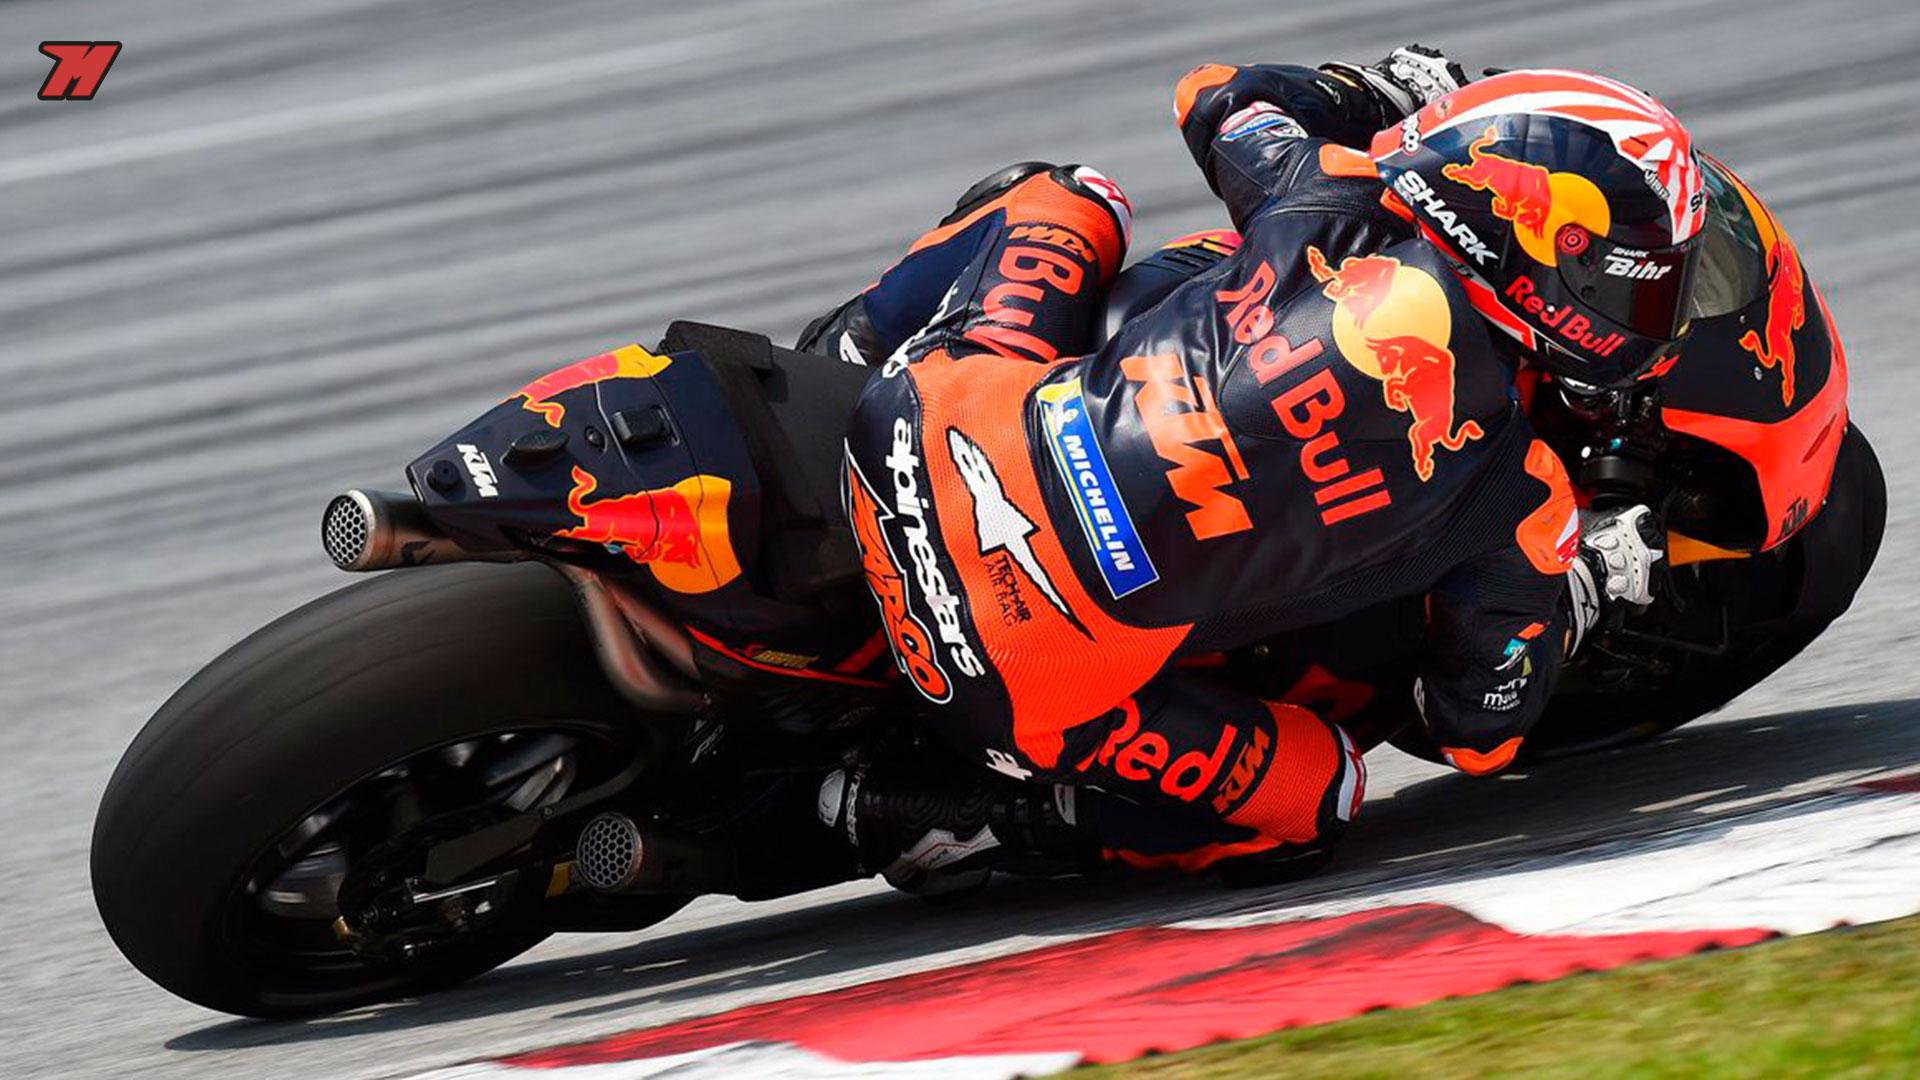 Johann Zarco cambia de equipo en 2019 y correrá con KTM.